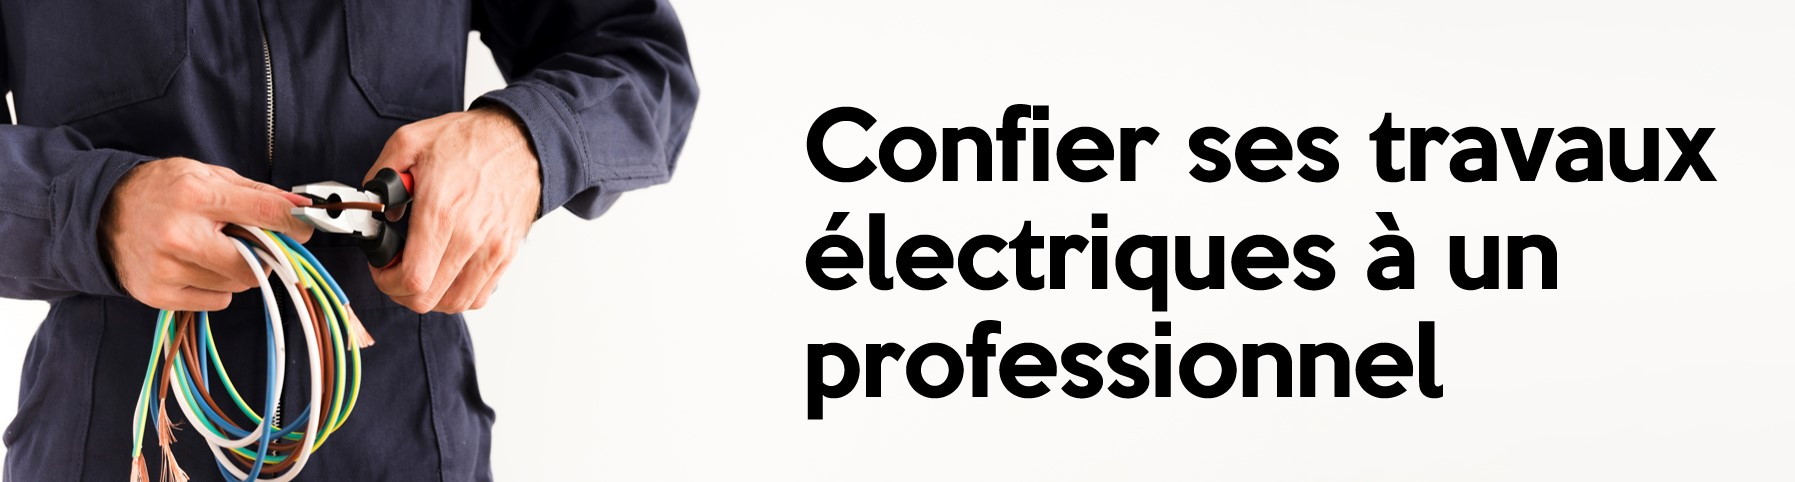 Confier ses travaux électriques à un professionnel